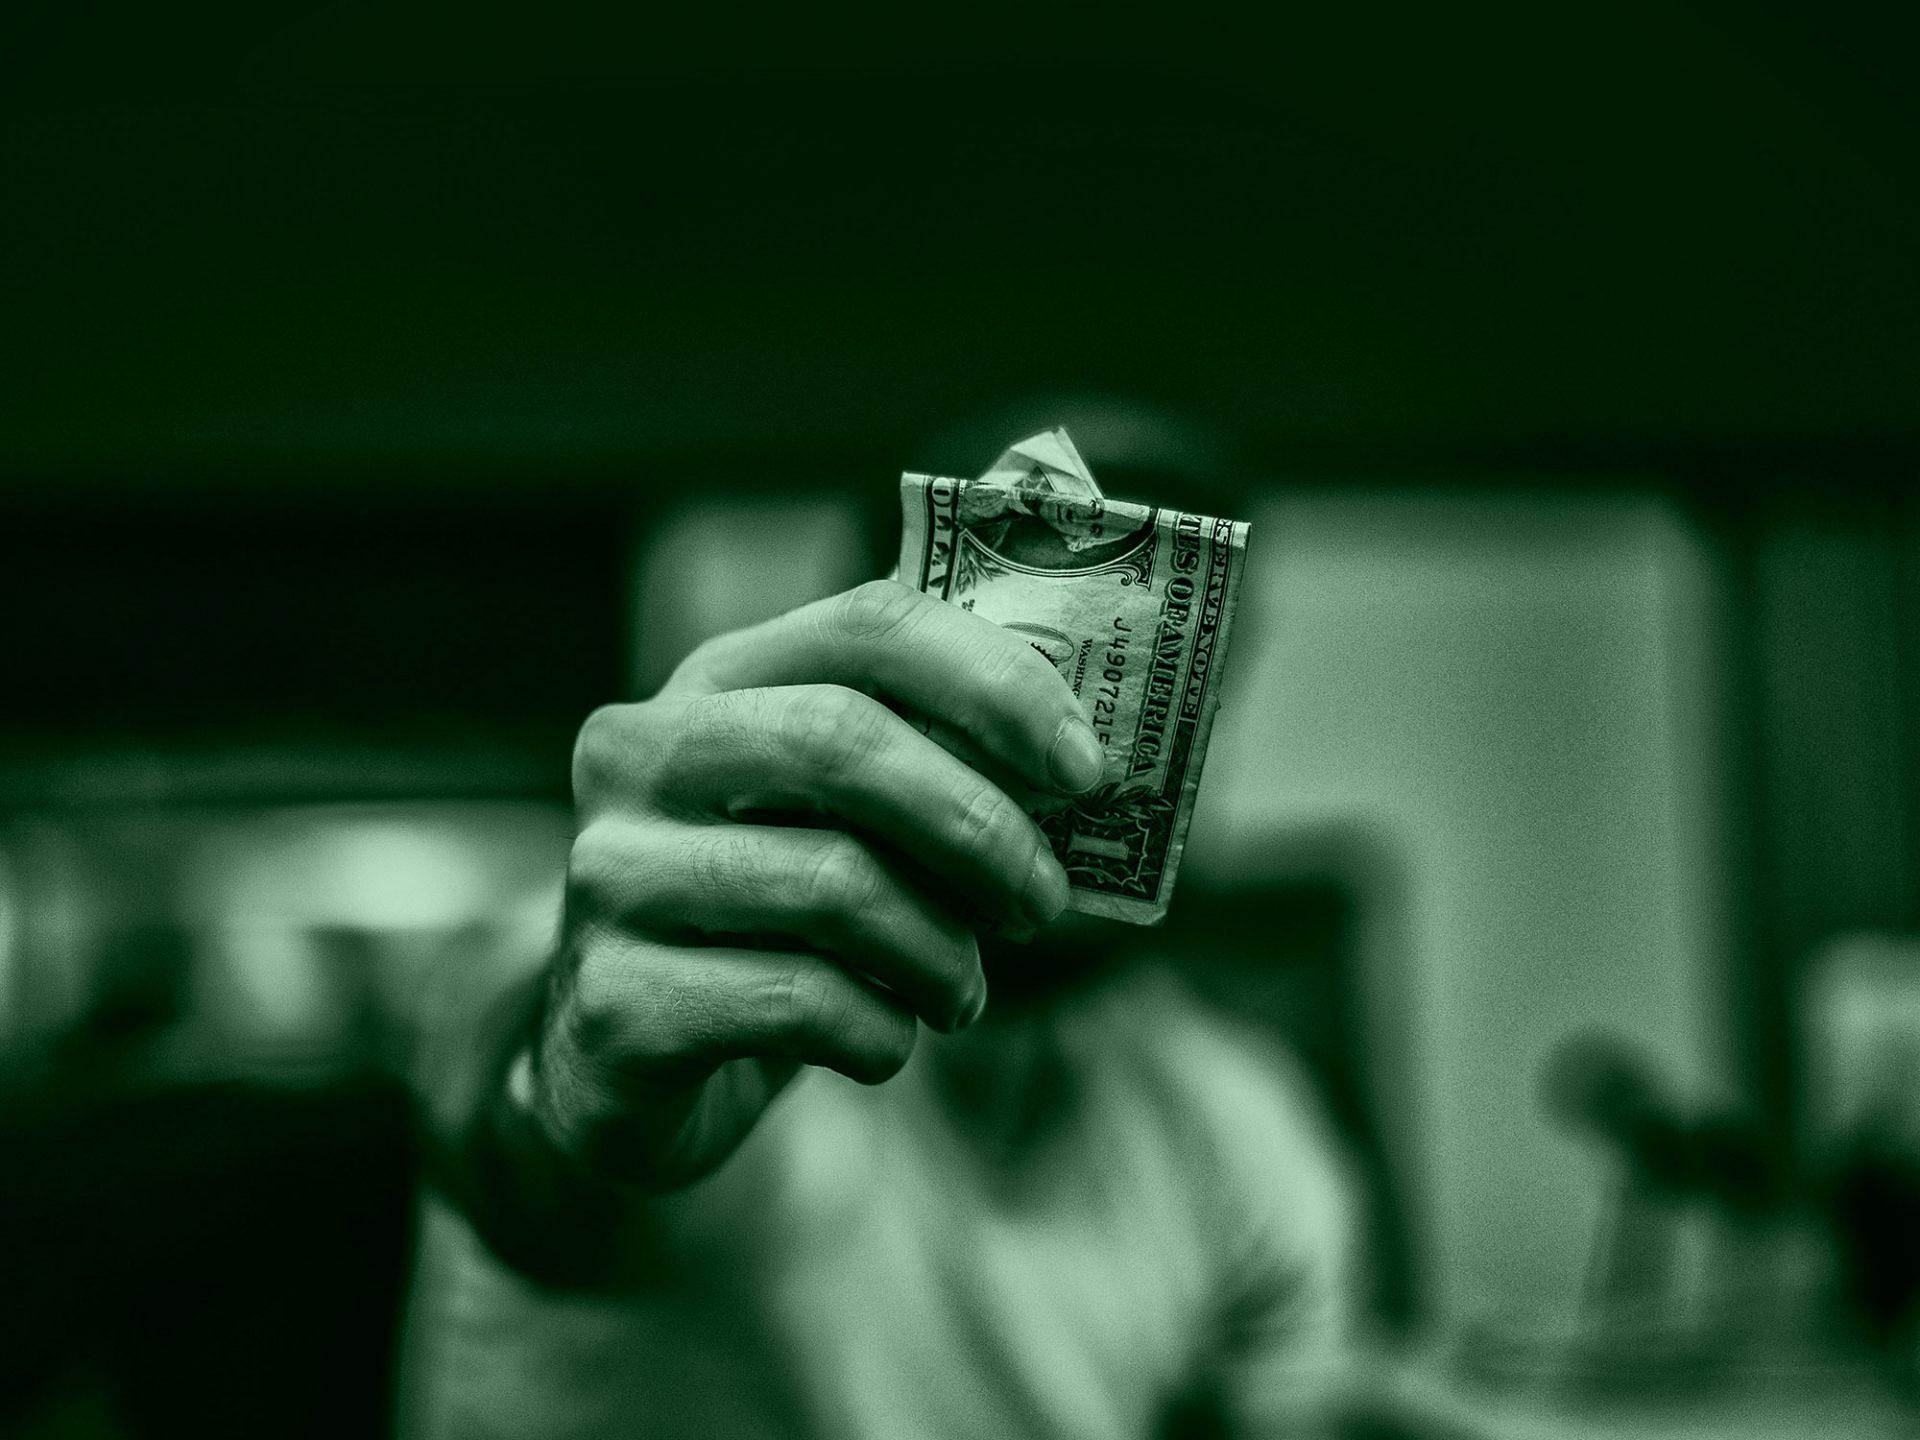 A Health Crisis, a Financial Crisis, and a Spiritual Crisis